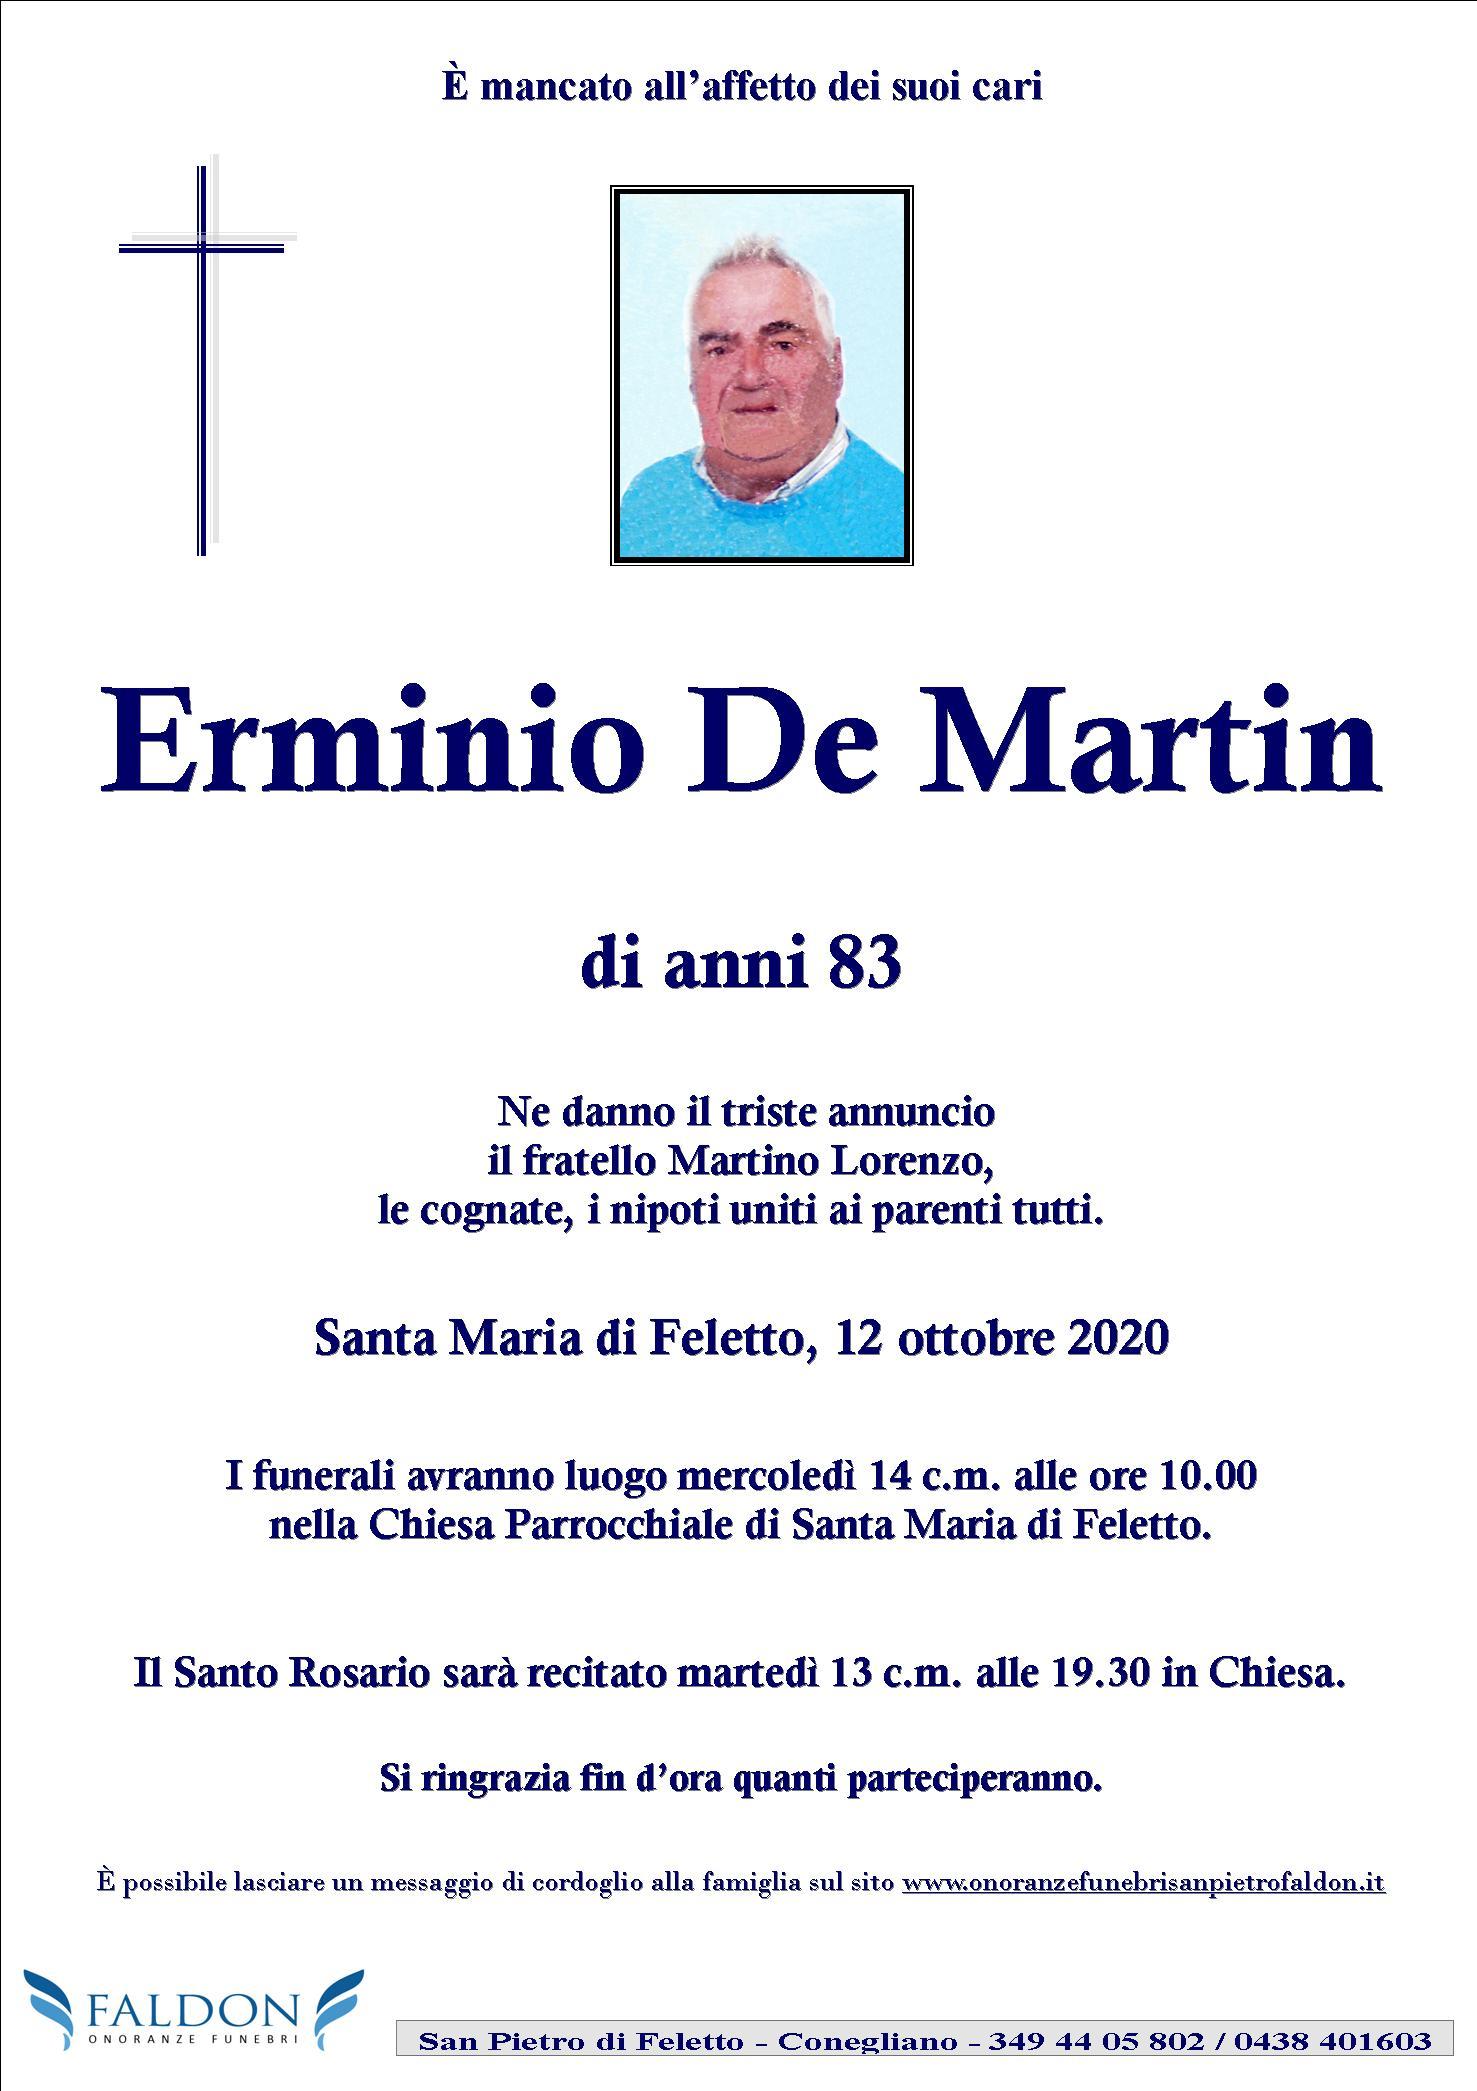 Erminio De Martin